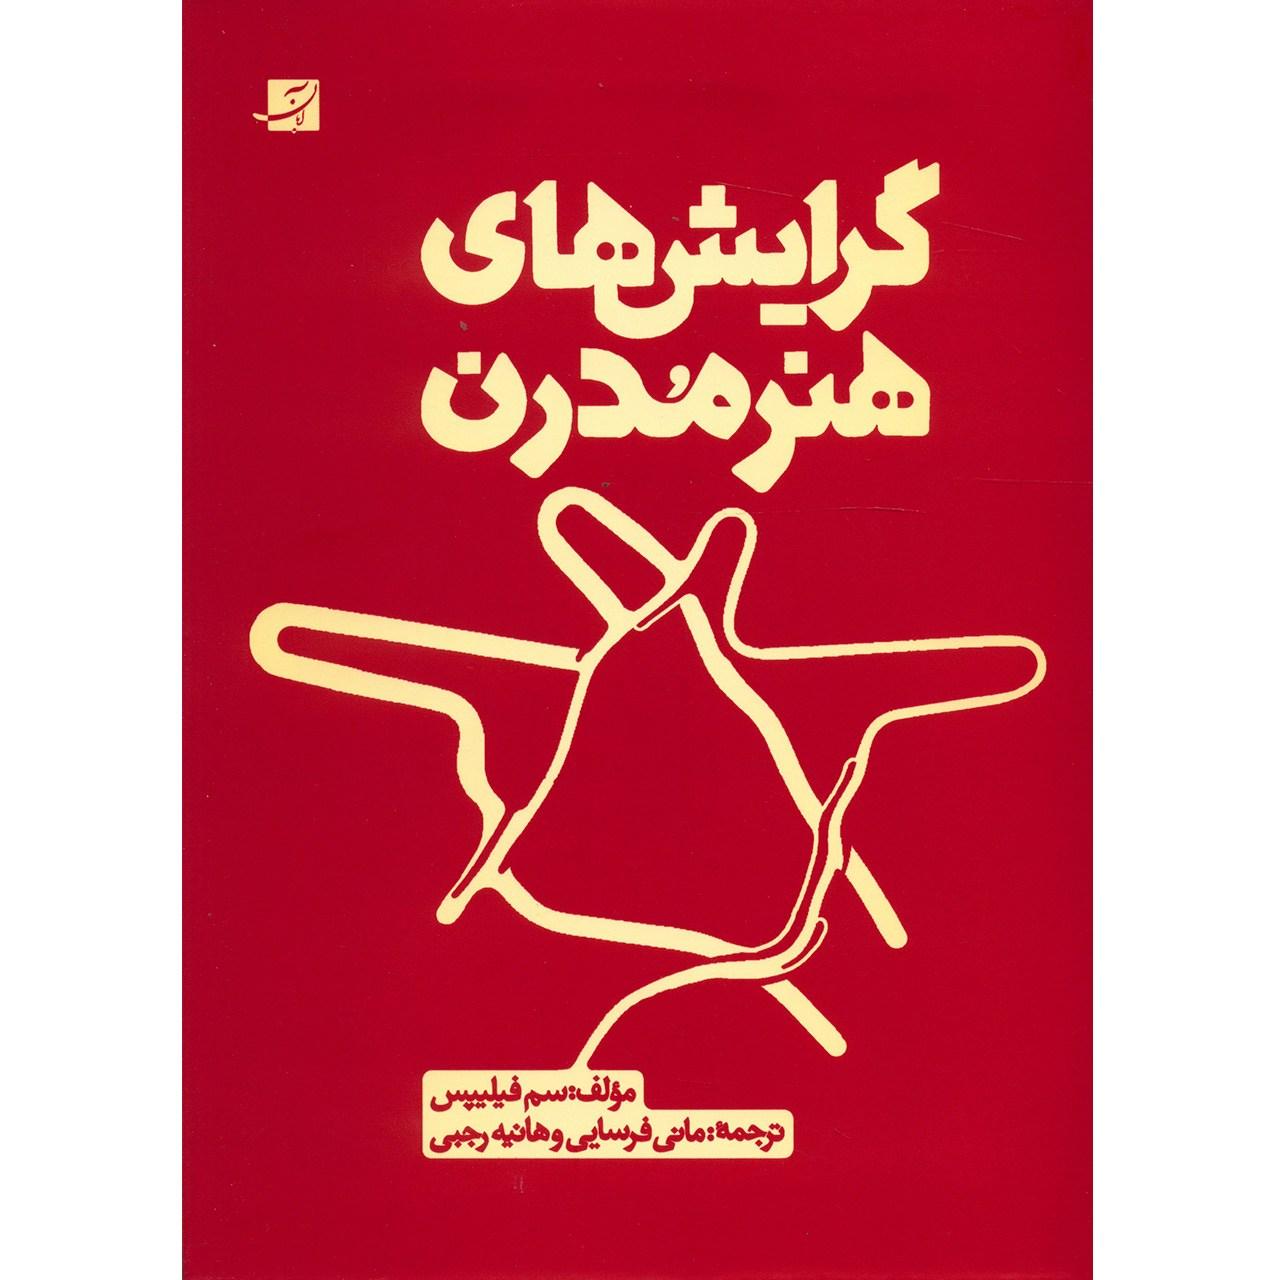 کتاب گرایش های هنر مدرن اثر سم فیلیپس